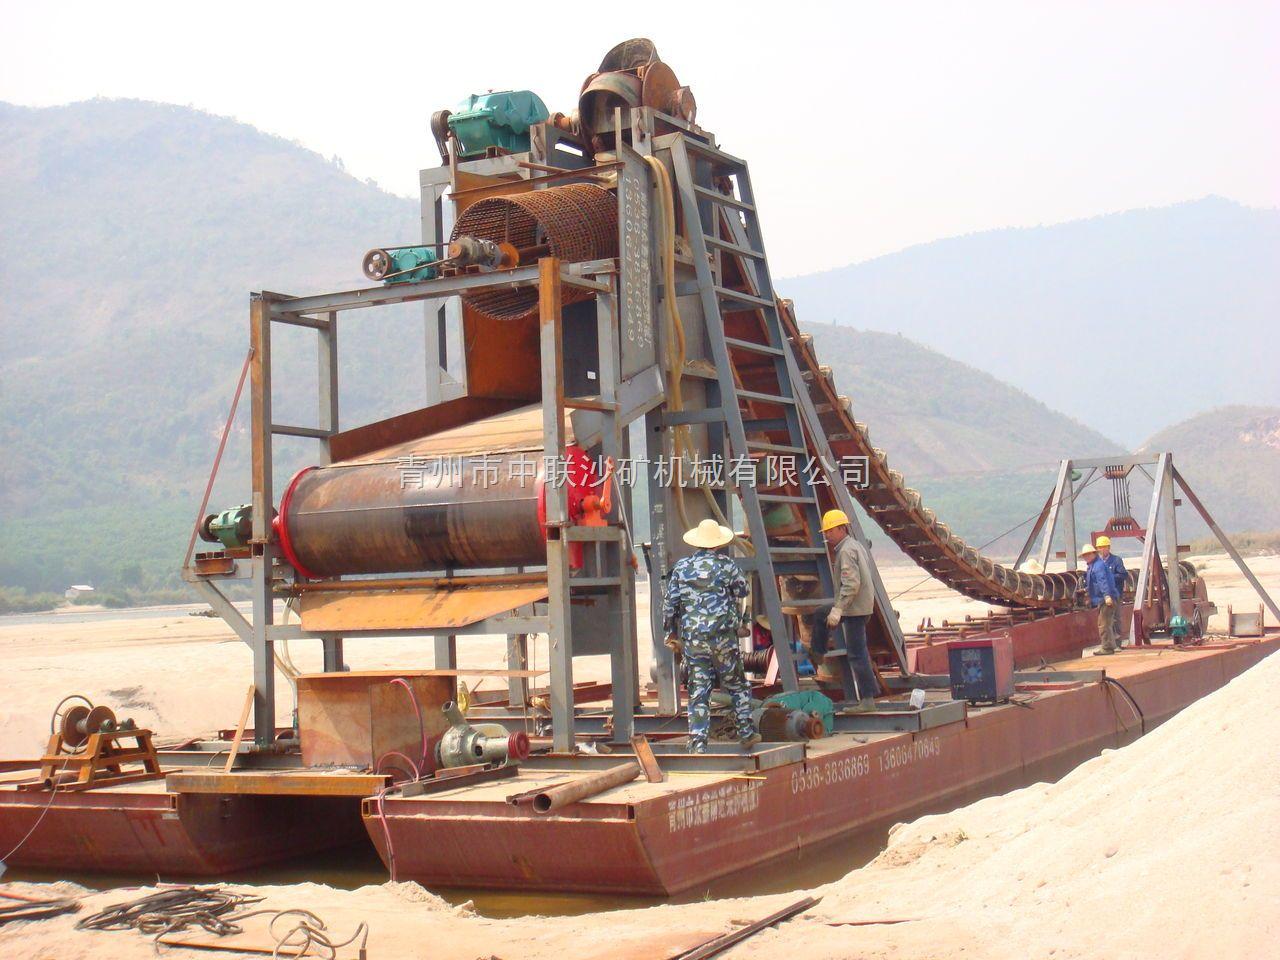 挖沙机械、采沙机械,自吸式抽沙设备,旱选磁选机械挖沙船系列、抽沙系列、筛分系列